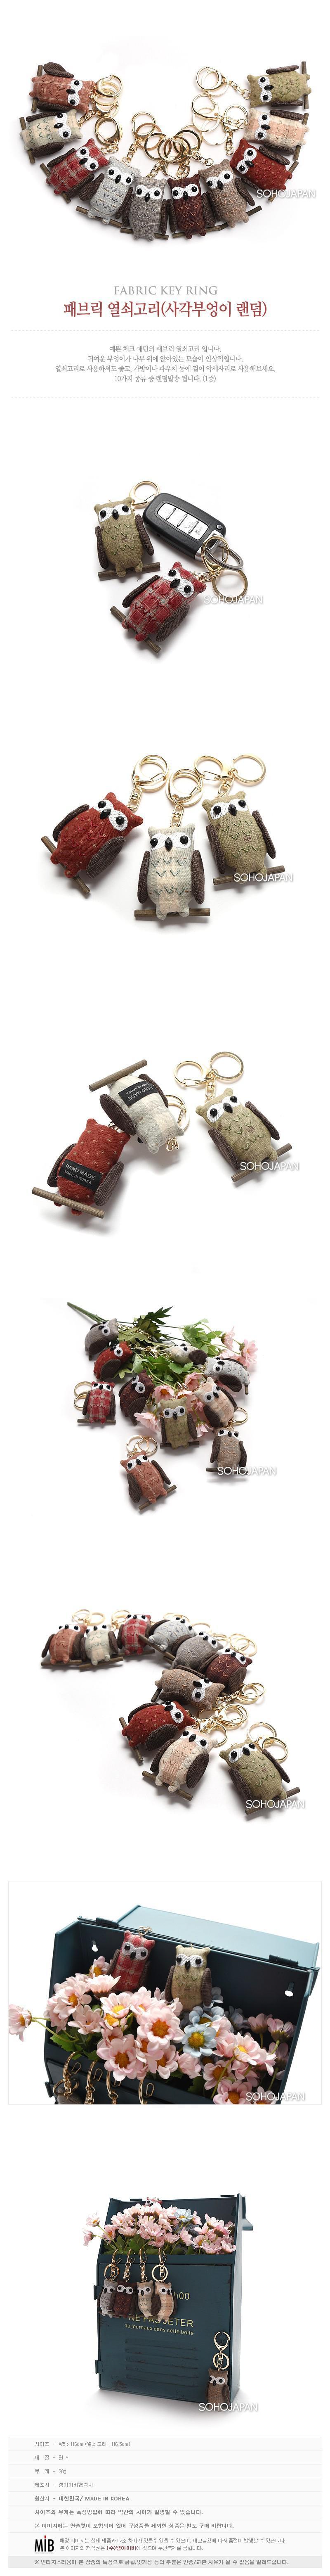 패브릭 열쇠고리(사각부엉이 랜덤) 예쁜열쇠고리 키링 선물용열쇠고리 판촉용열쇠고리 팬시열쇠고리 귀여운열쇠고리 키홀더 키고리 가방고리